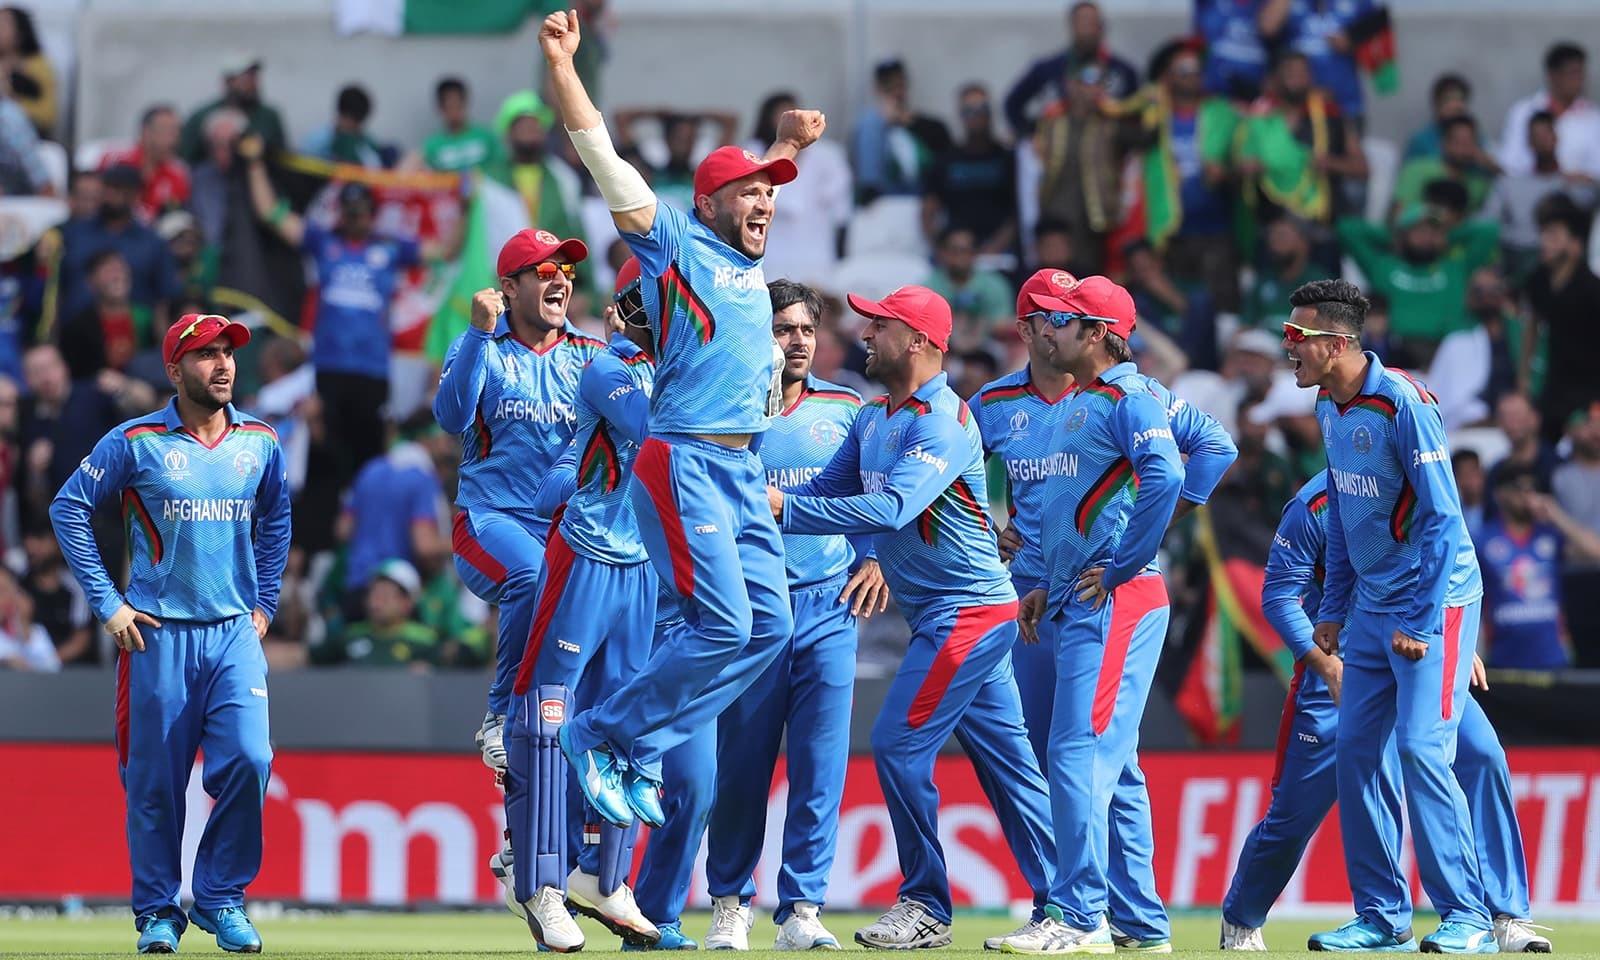 پاکستانی کھلاڑی وقفے وقفے سے آوٹ ہوتے رہے، افغان کھلاڑی جیت کے لیے پرامید دکھائی دیے۔ — فوٹو: اے پی